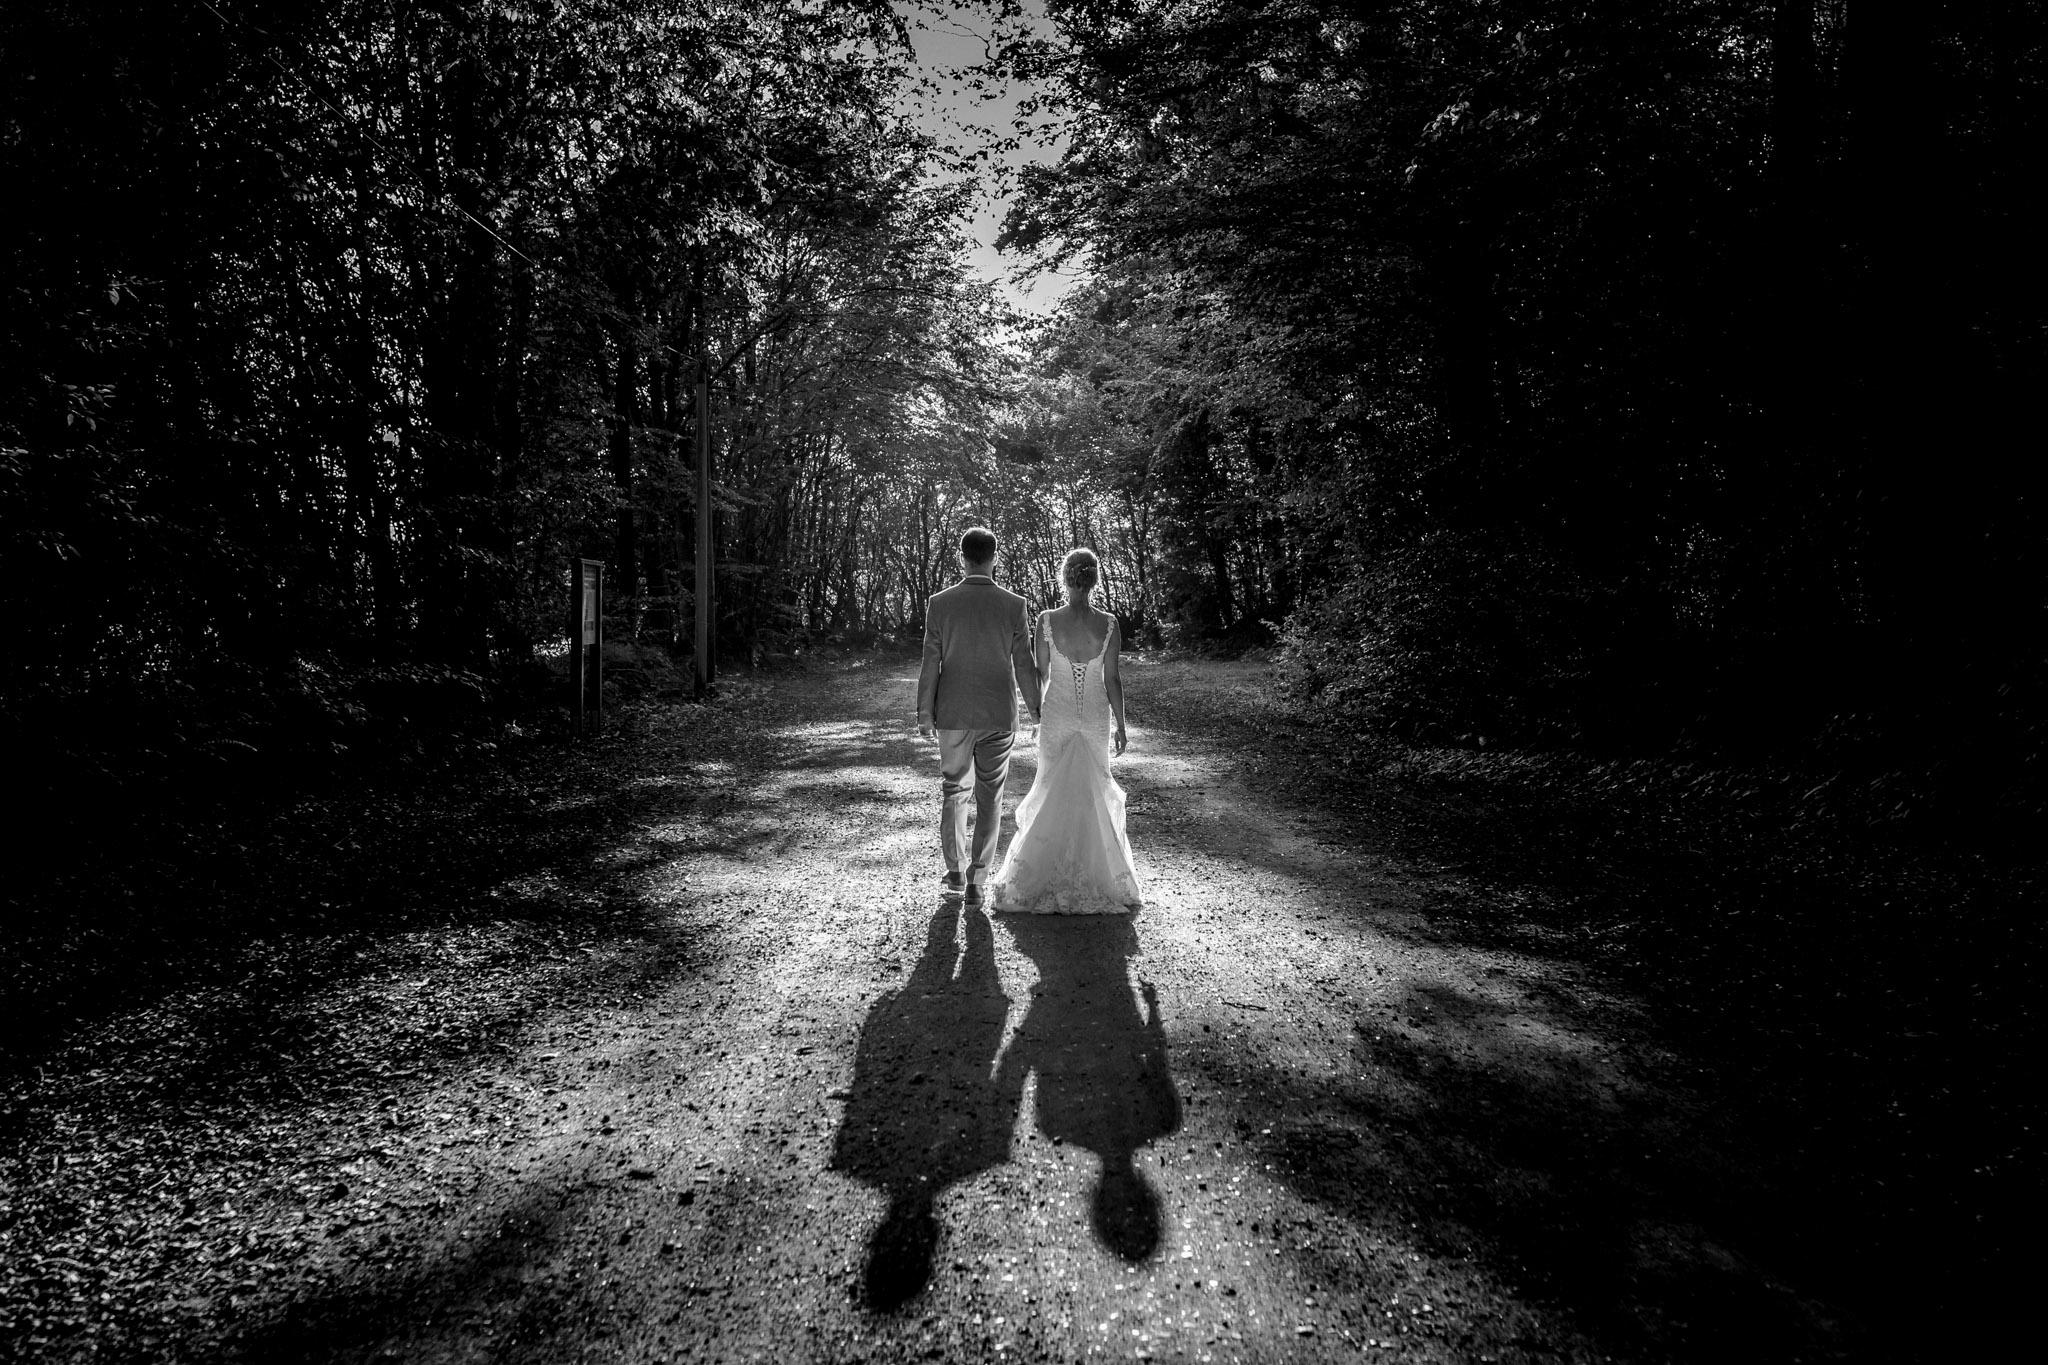 Sven Schomburg Hochzeitsfotografie, Hamburg, Mölln, Hochzeitsfieber by Photo-Schomburg, Hochzeitsreportage, Forsthaus Waldhusen, Braut, Bräutigam-67